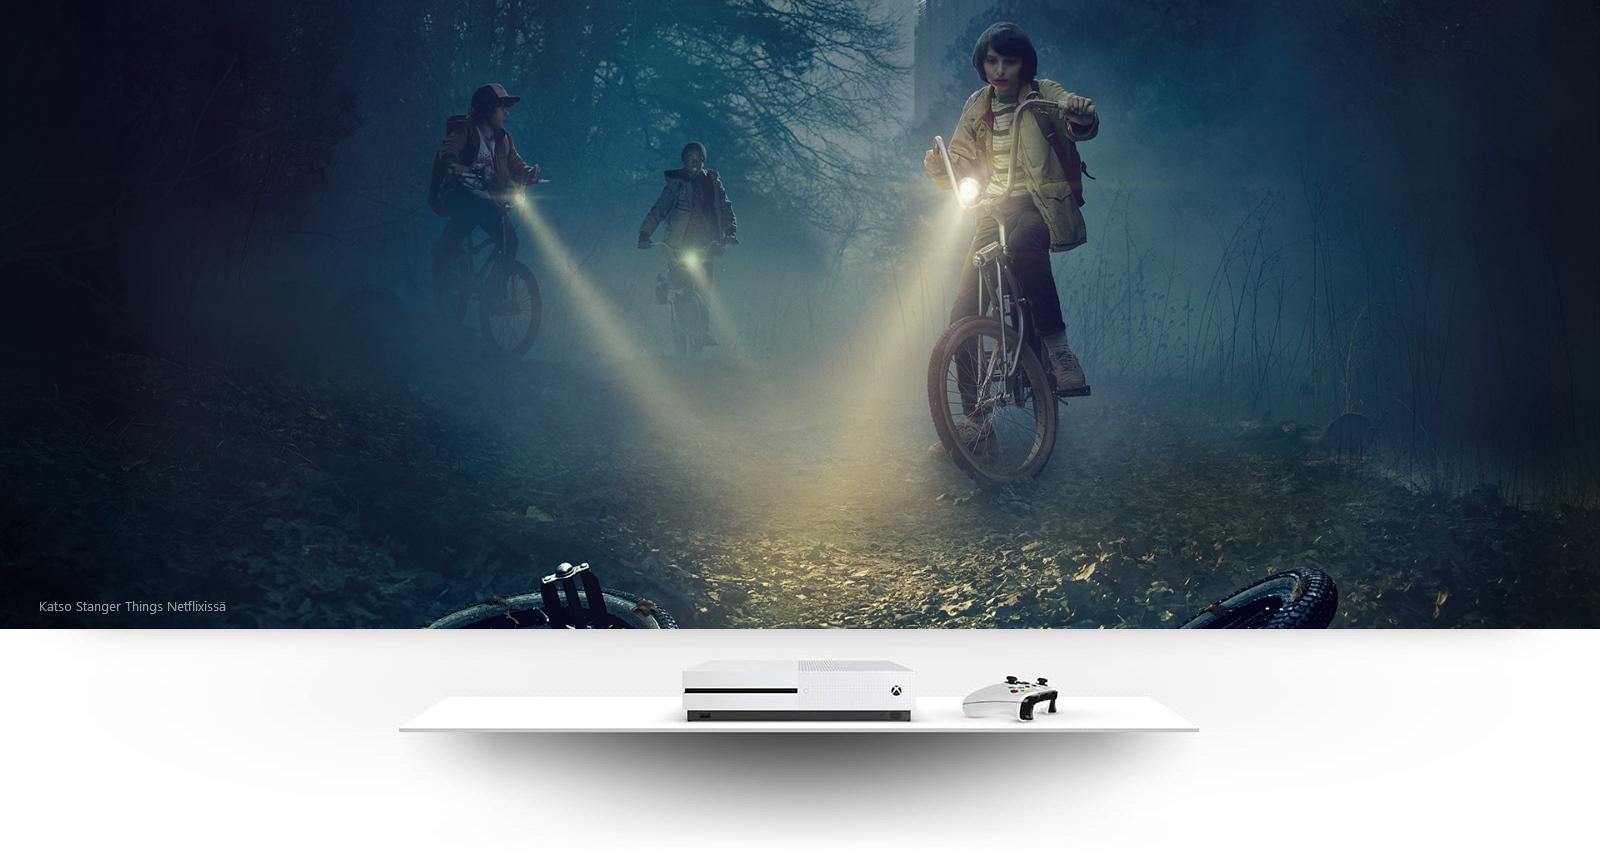 Xbox One S ja kuva Stranger Things -sarjan lapsista polkupyörien satulassa